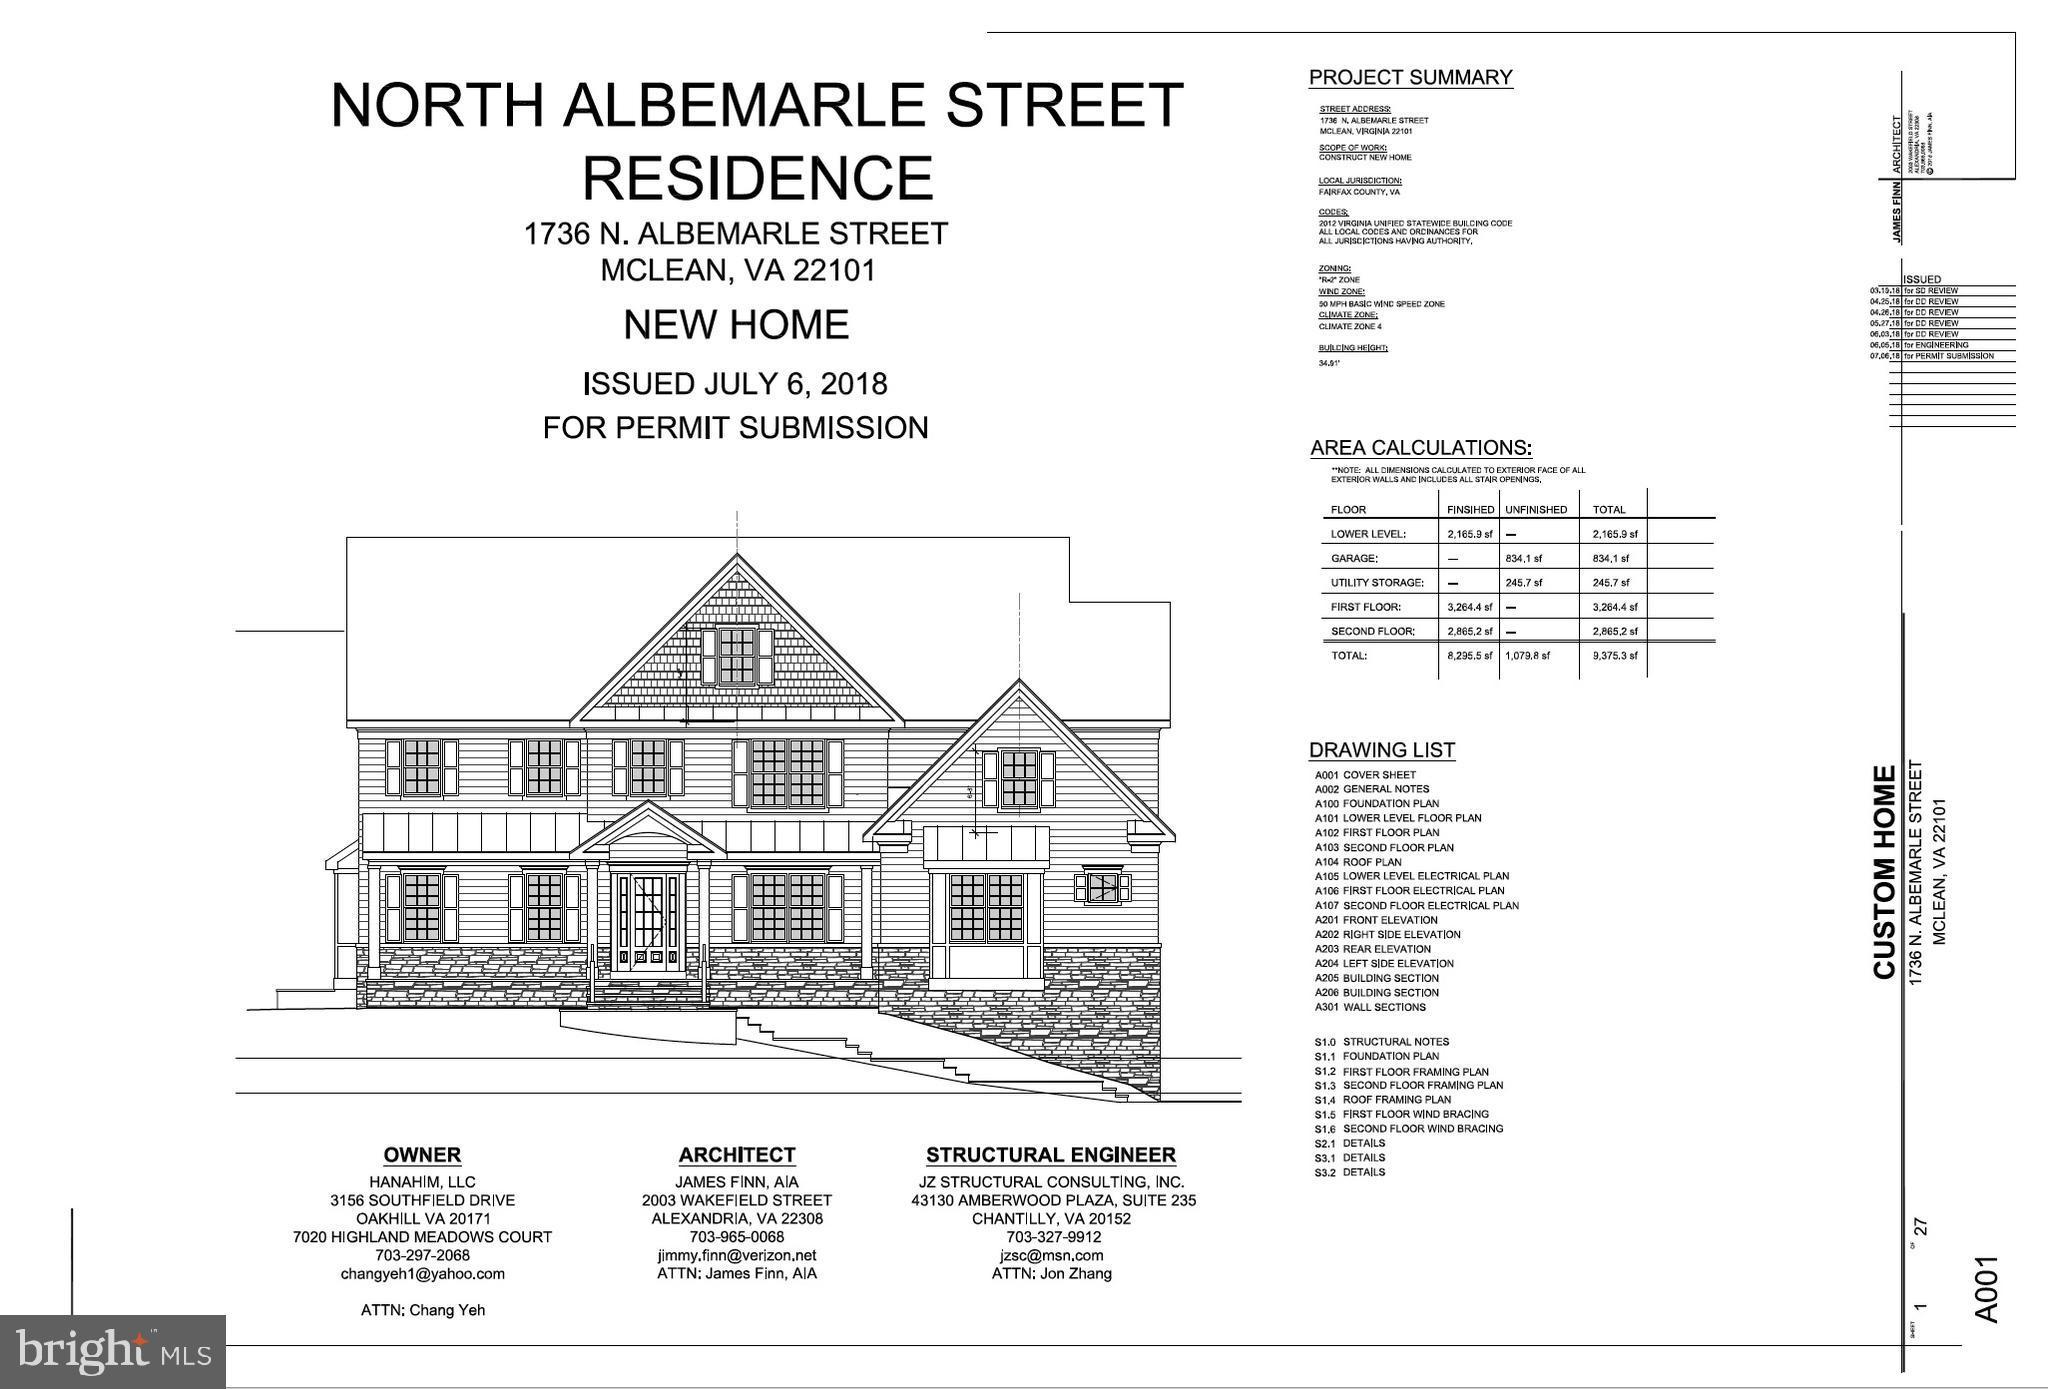 1736 N Albemarle St, Mclean, VA, 22101